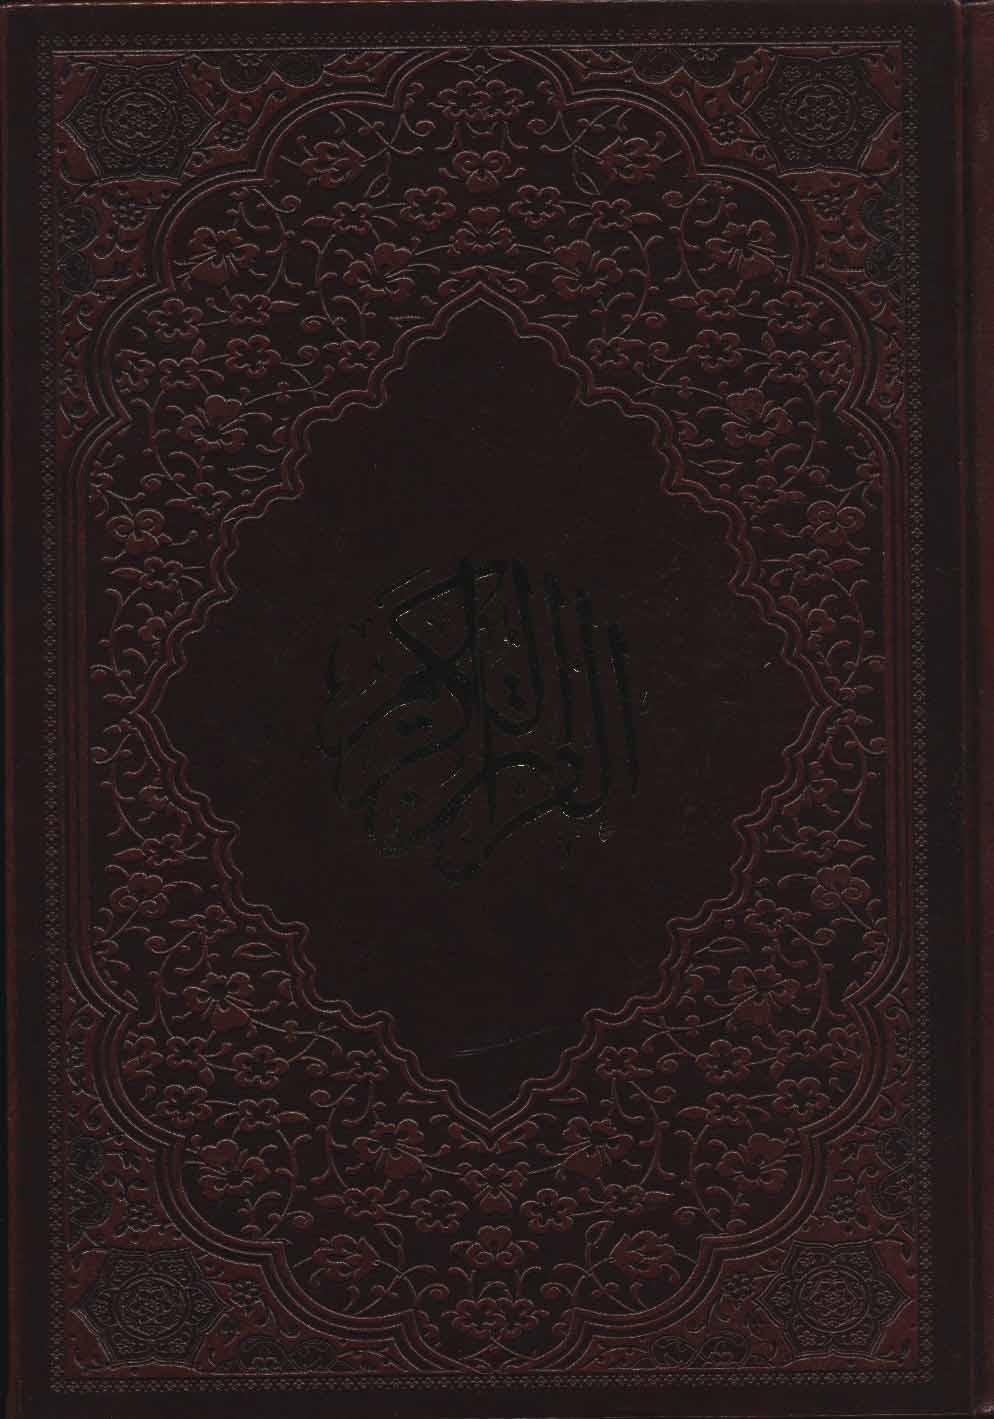 کتاب قرآن کریم (۶رنگ)